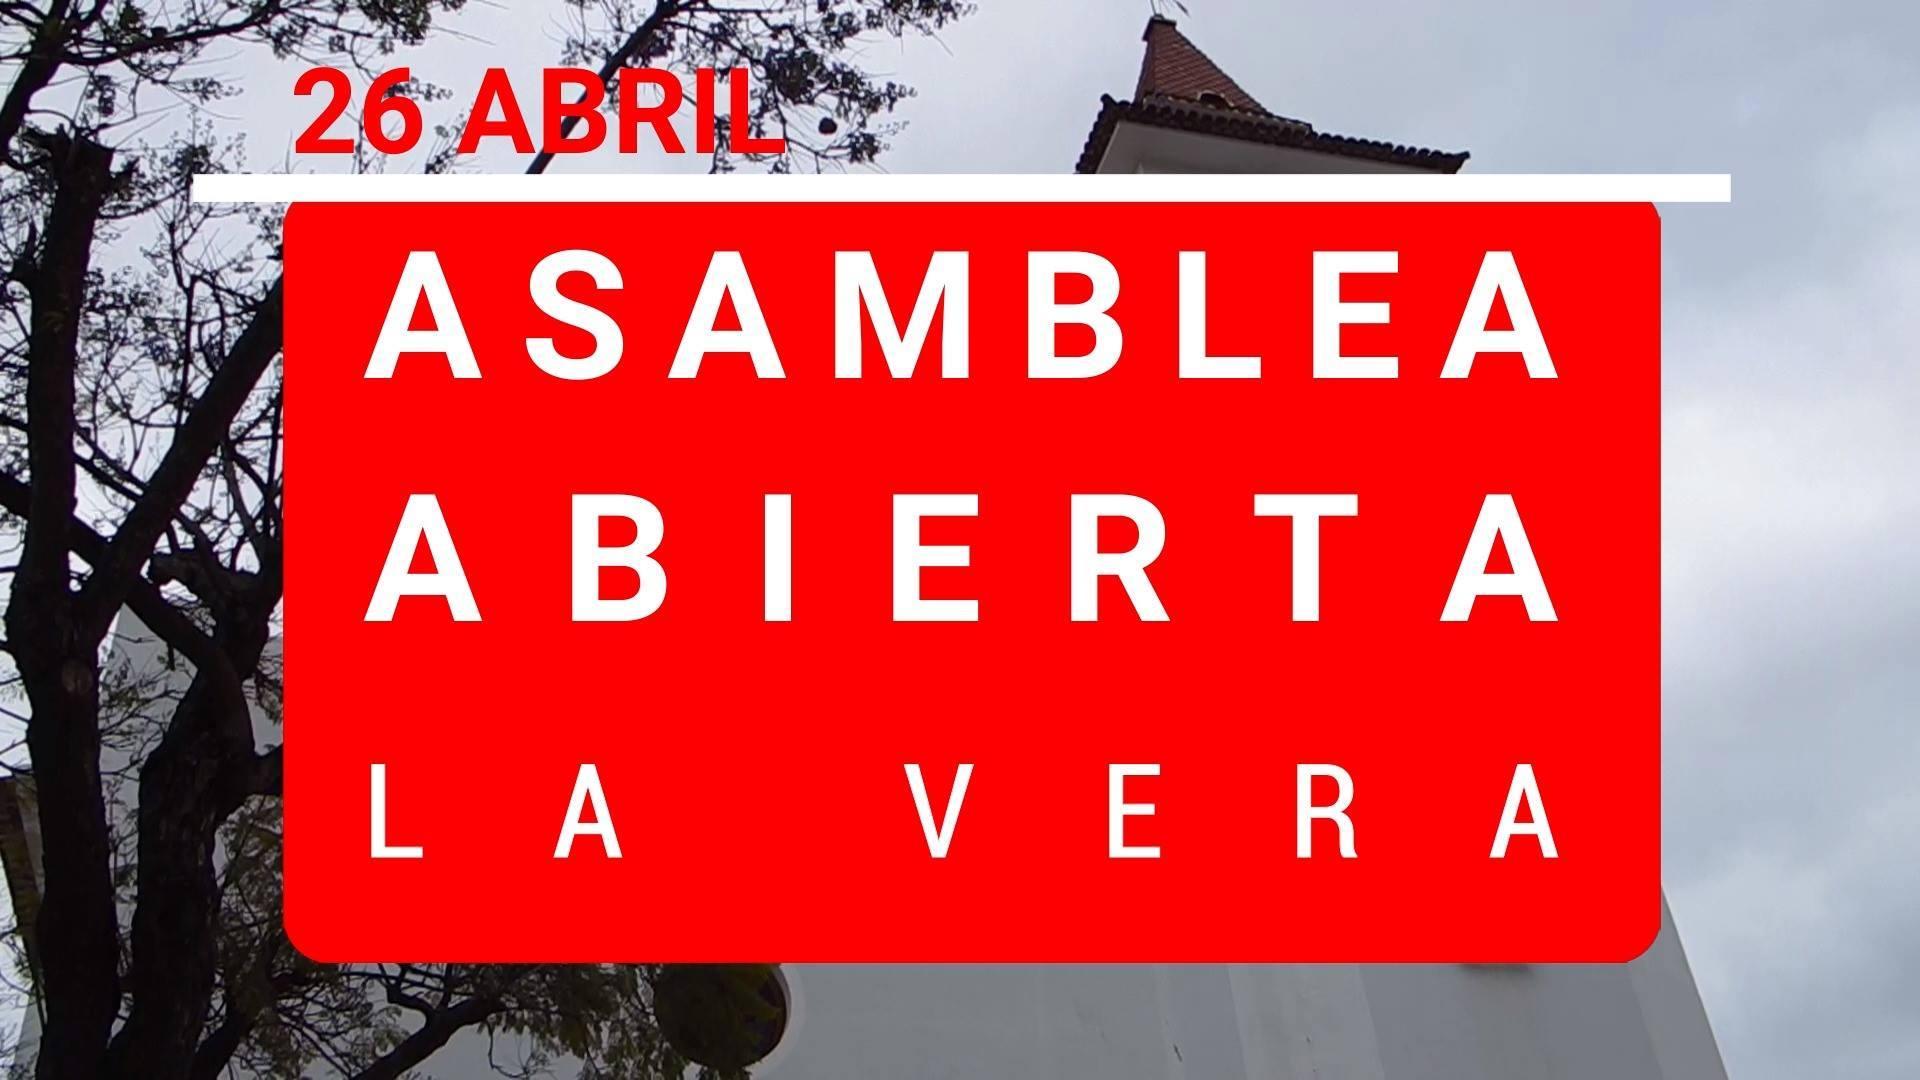 #diariodecampaña ASAMBLEA ABIERTA EN EL BARRIO DE LA VERA (CIERRE DE CAMPAÑA)